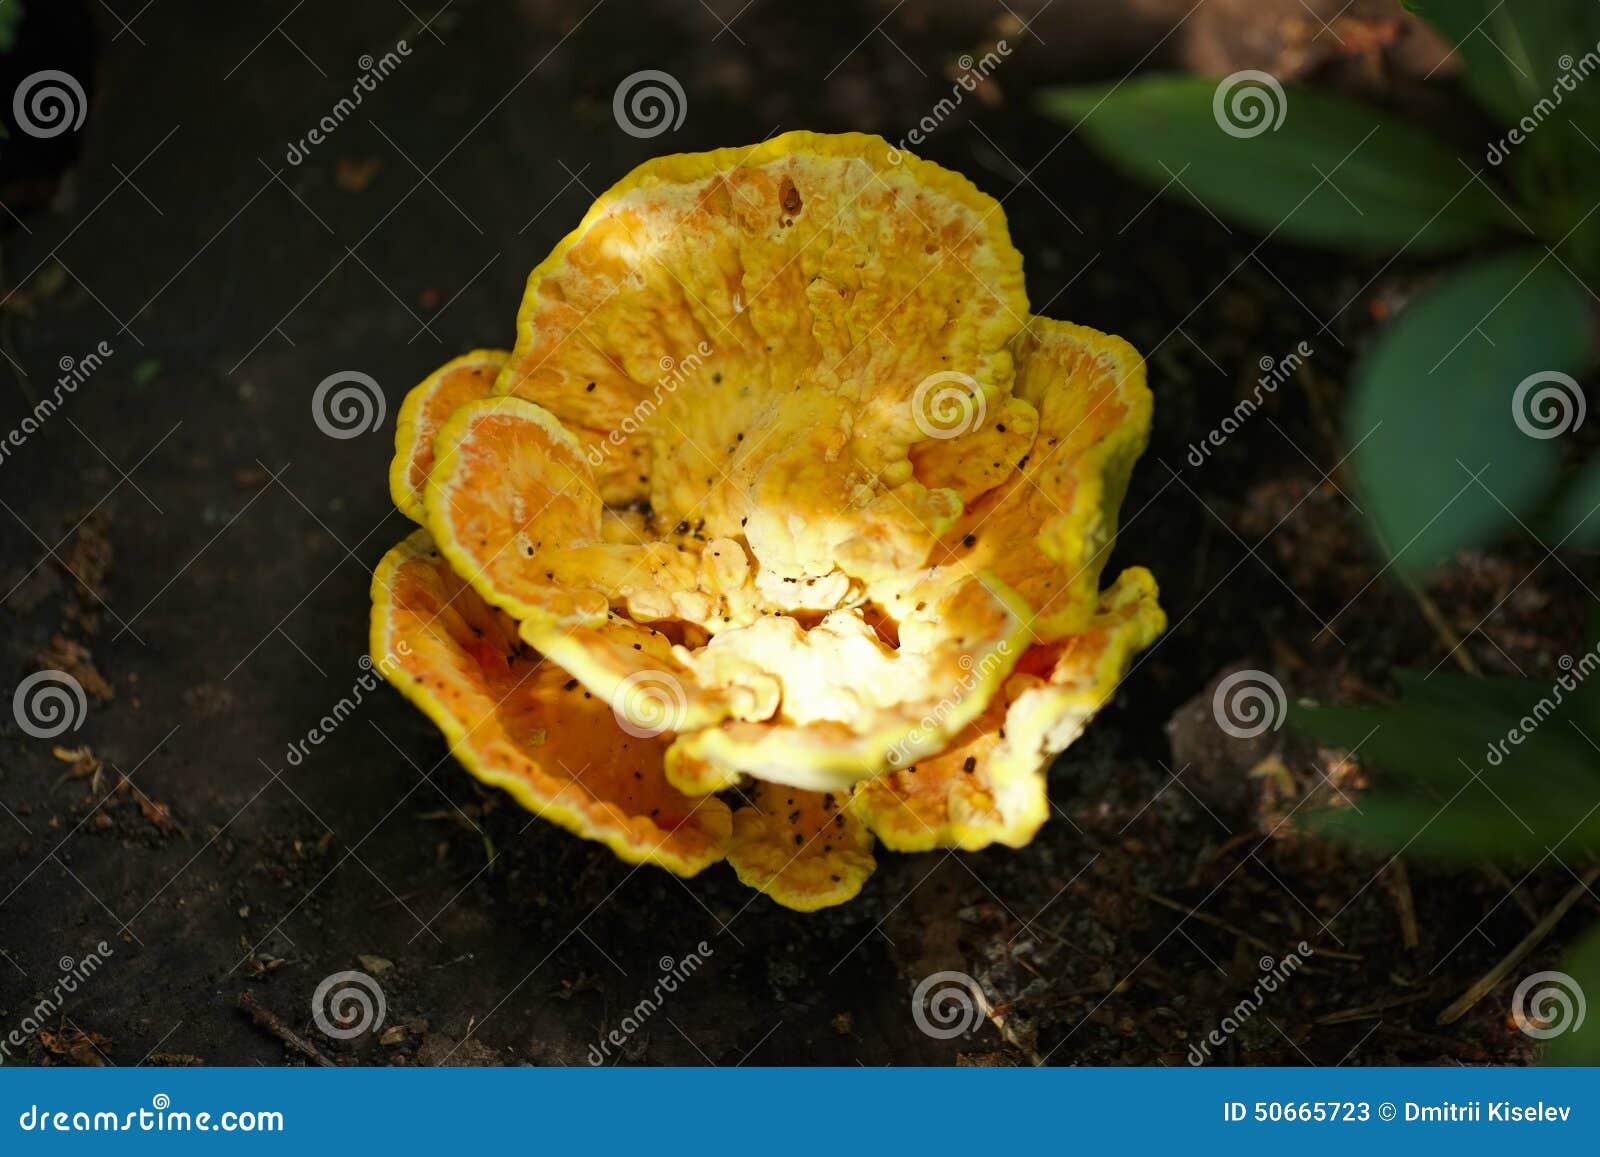 Champignon jaune d 39 arbre photo stock image 50665723 - Champignon sur tronc d arbre ...